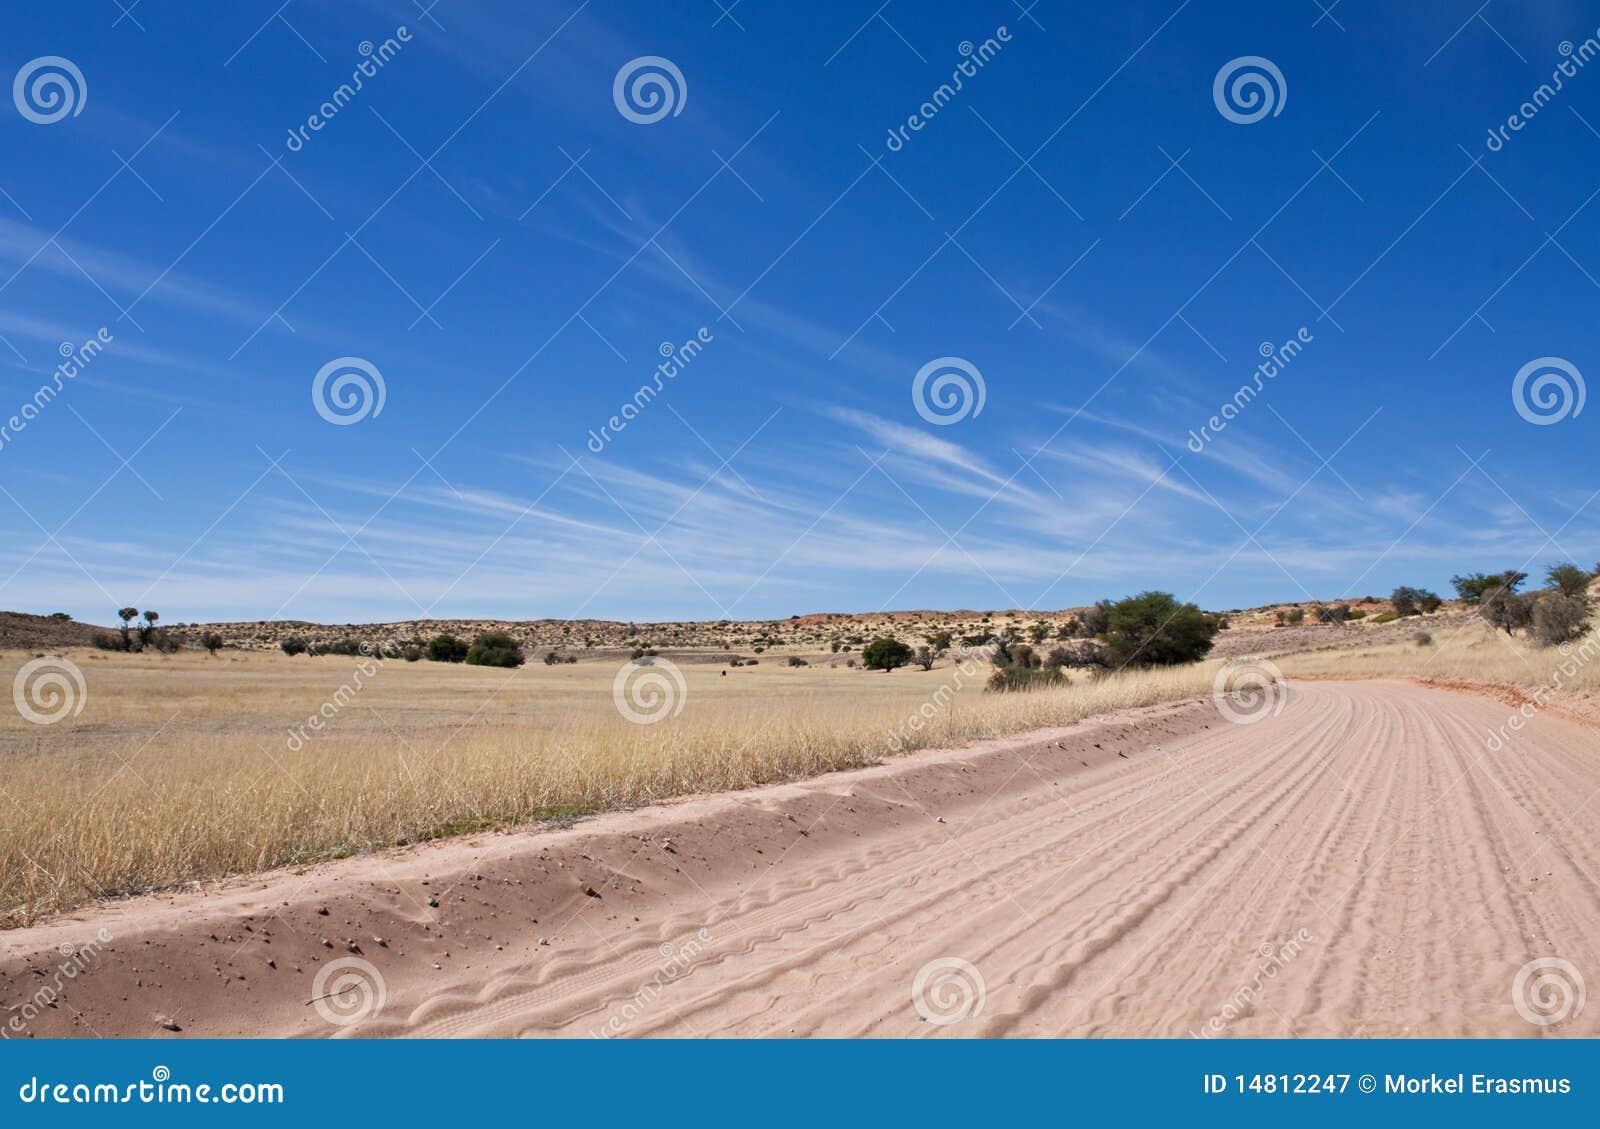 Trilha de sujeira no deserto de Kalahari